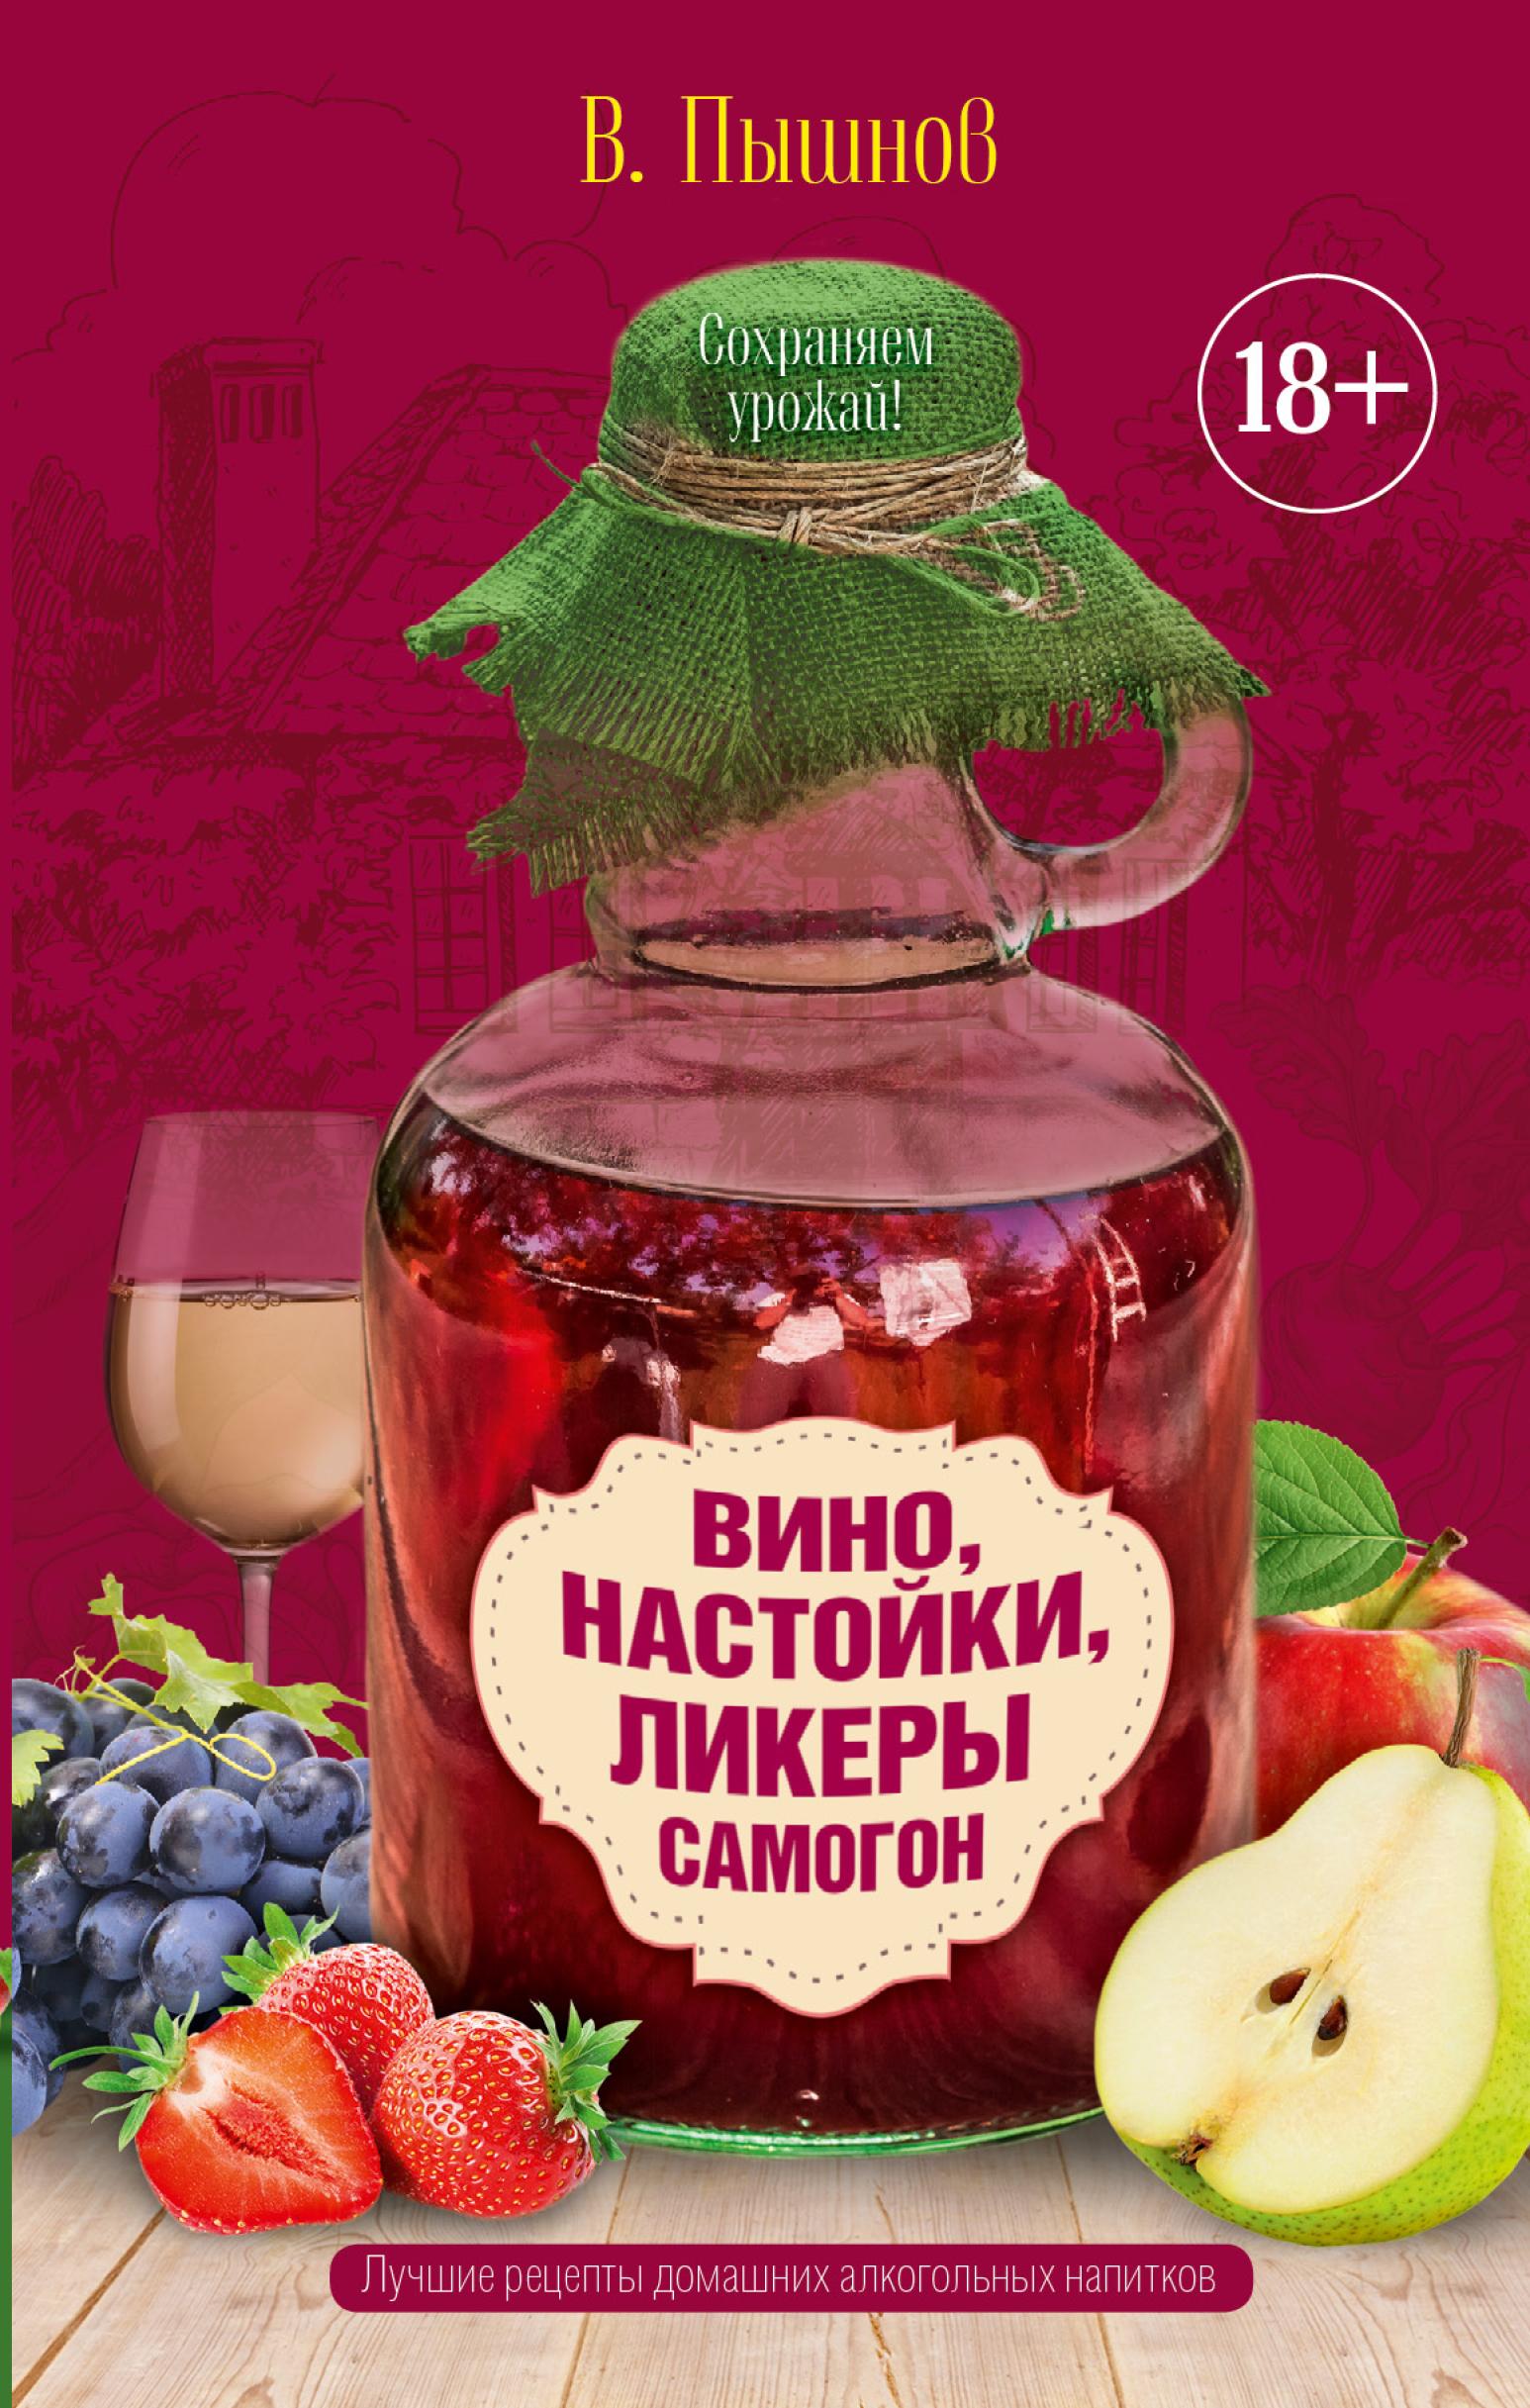 Иван Пышнов Вино, настойки, ликеры, самогон пышнов и вино настойки ликеры